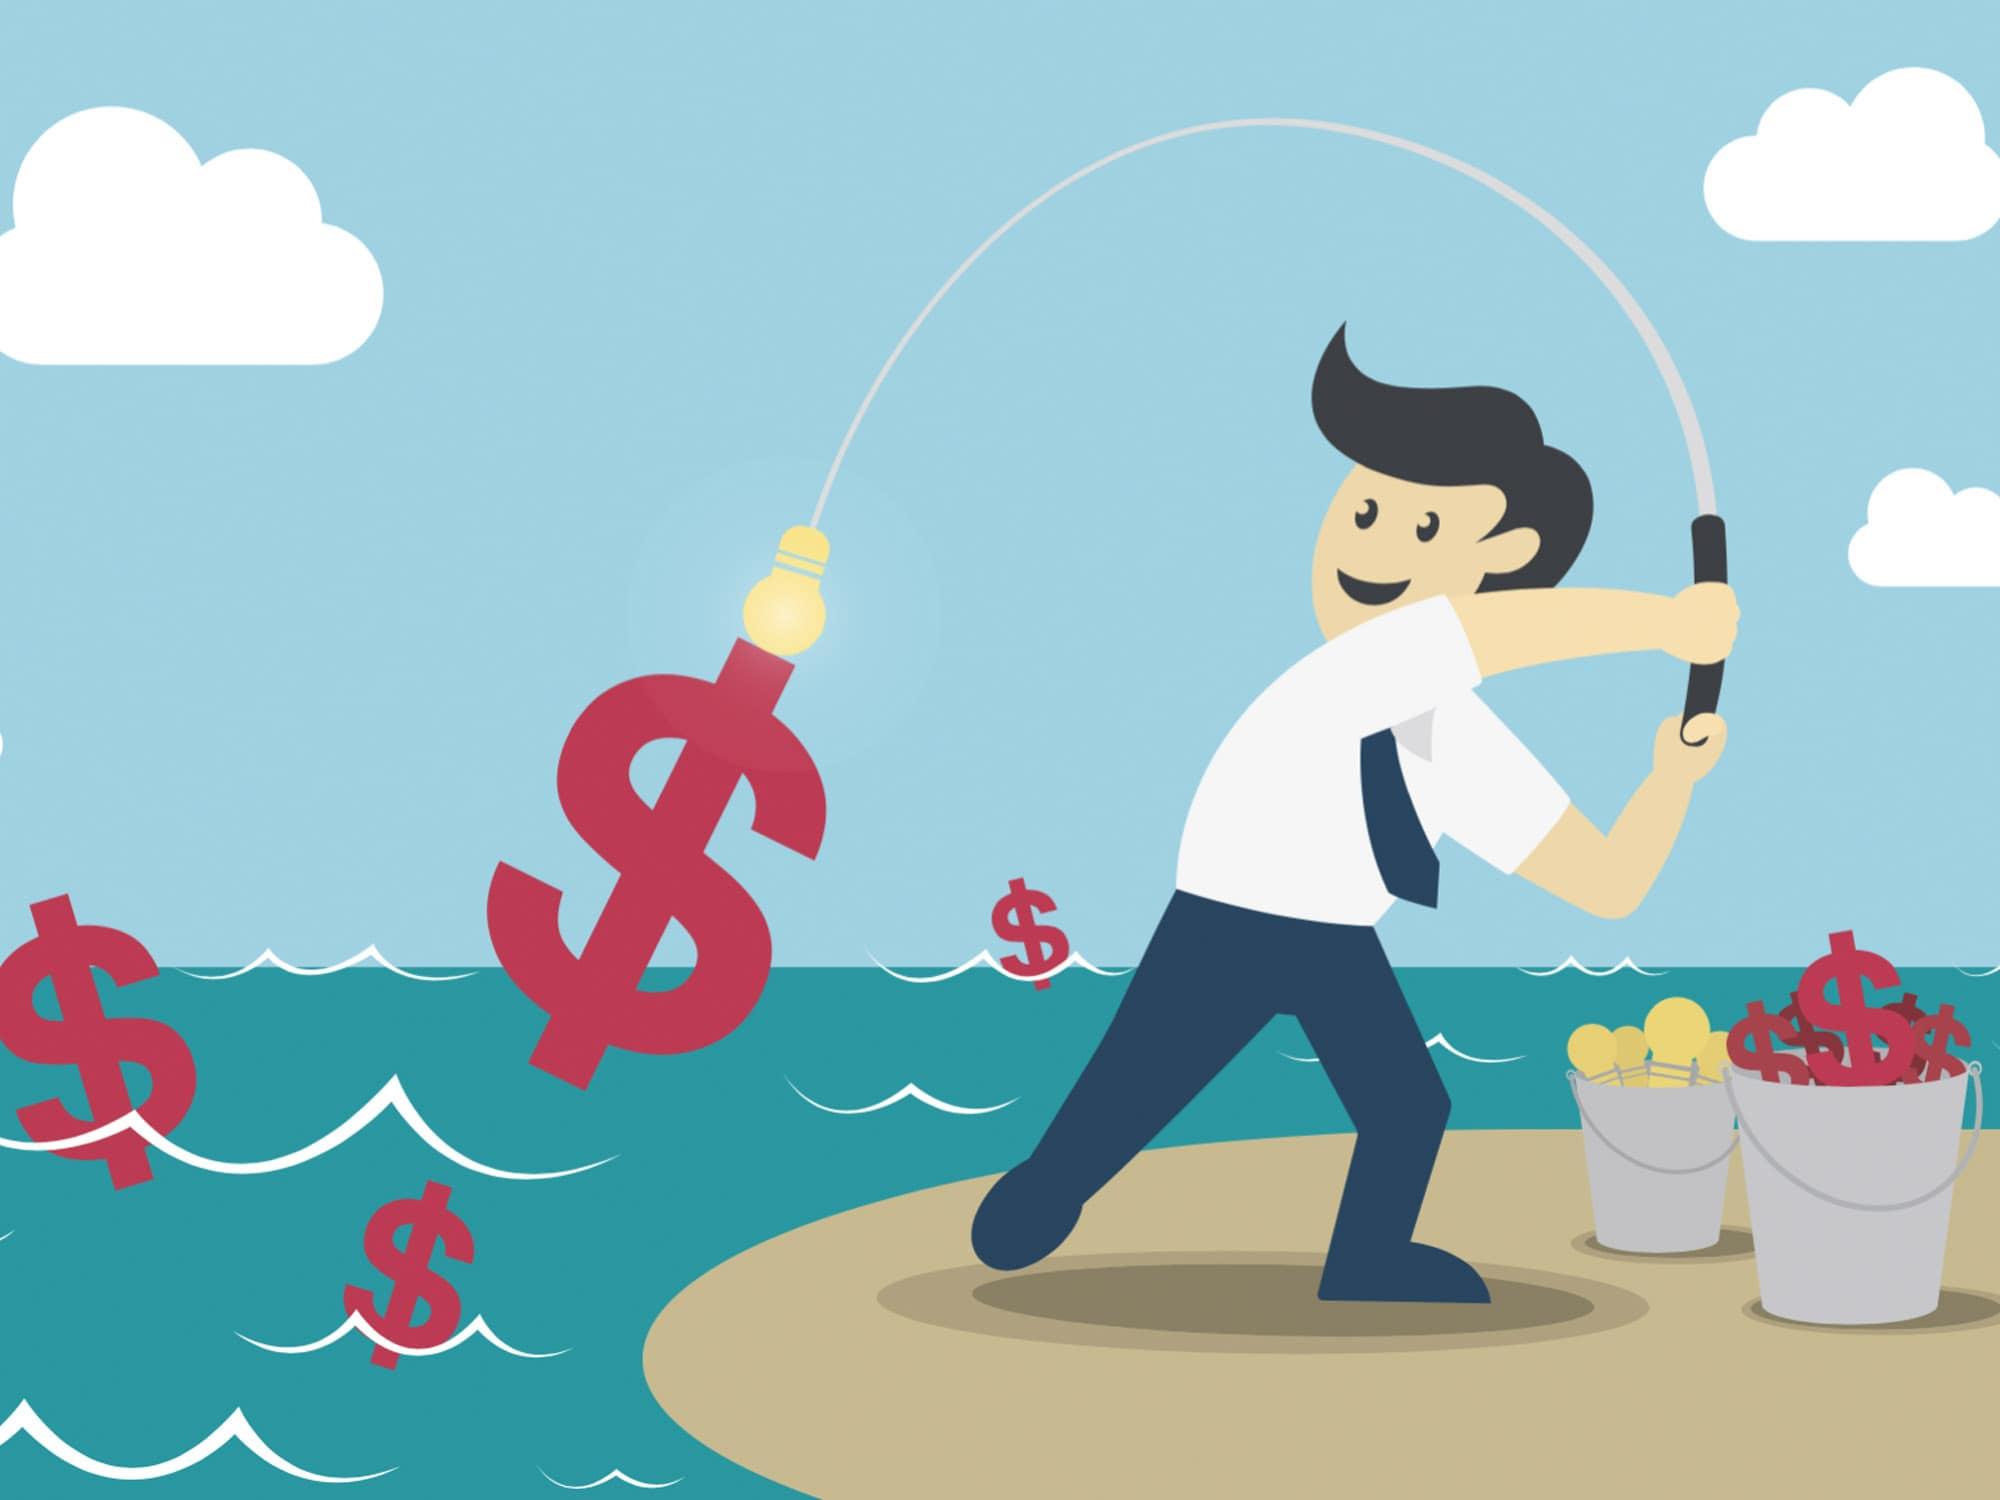 Publishers make money